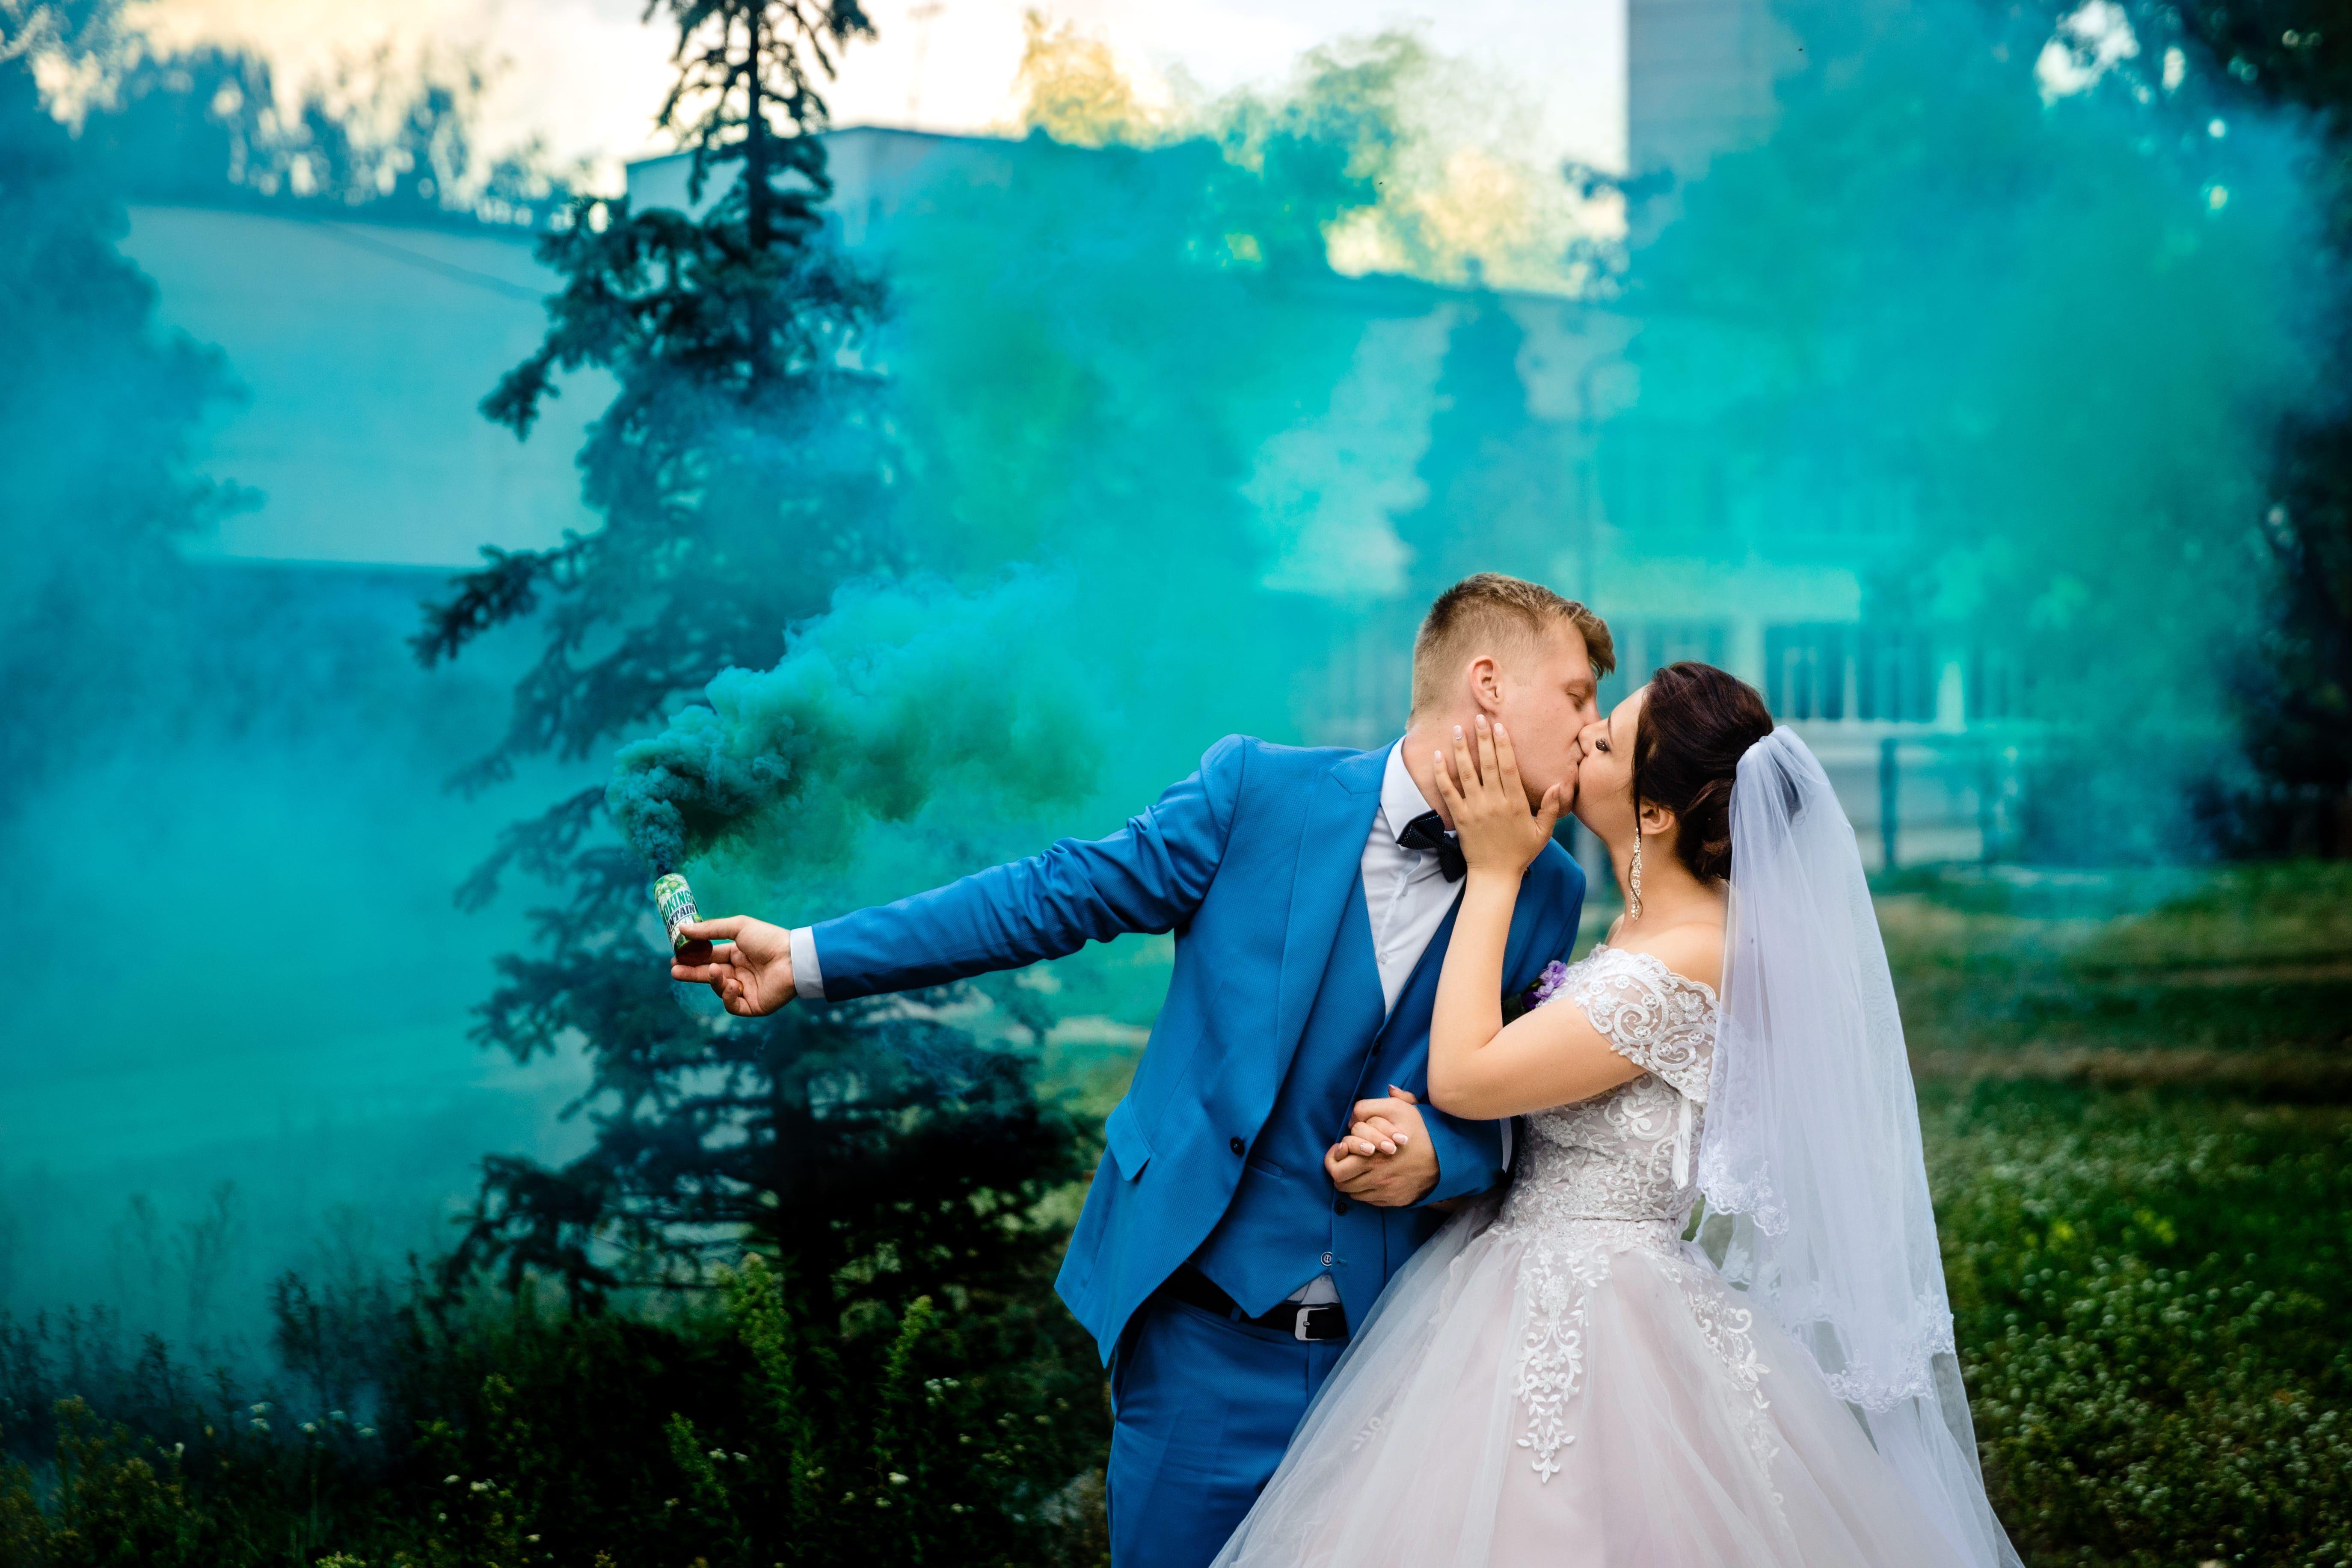 мейвуд свадебные фотографы своими